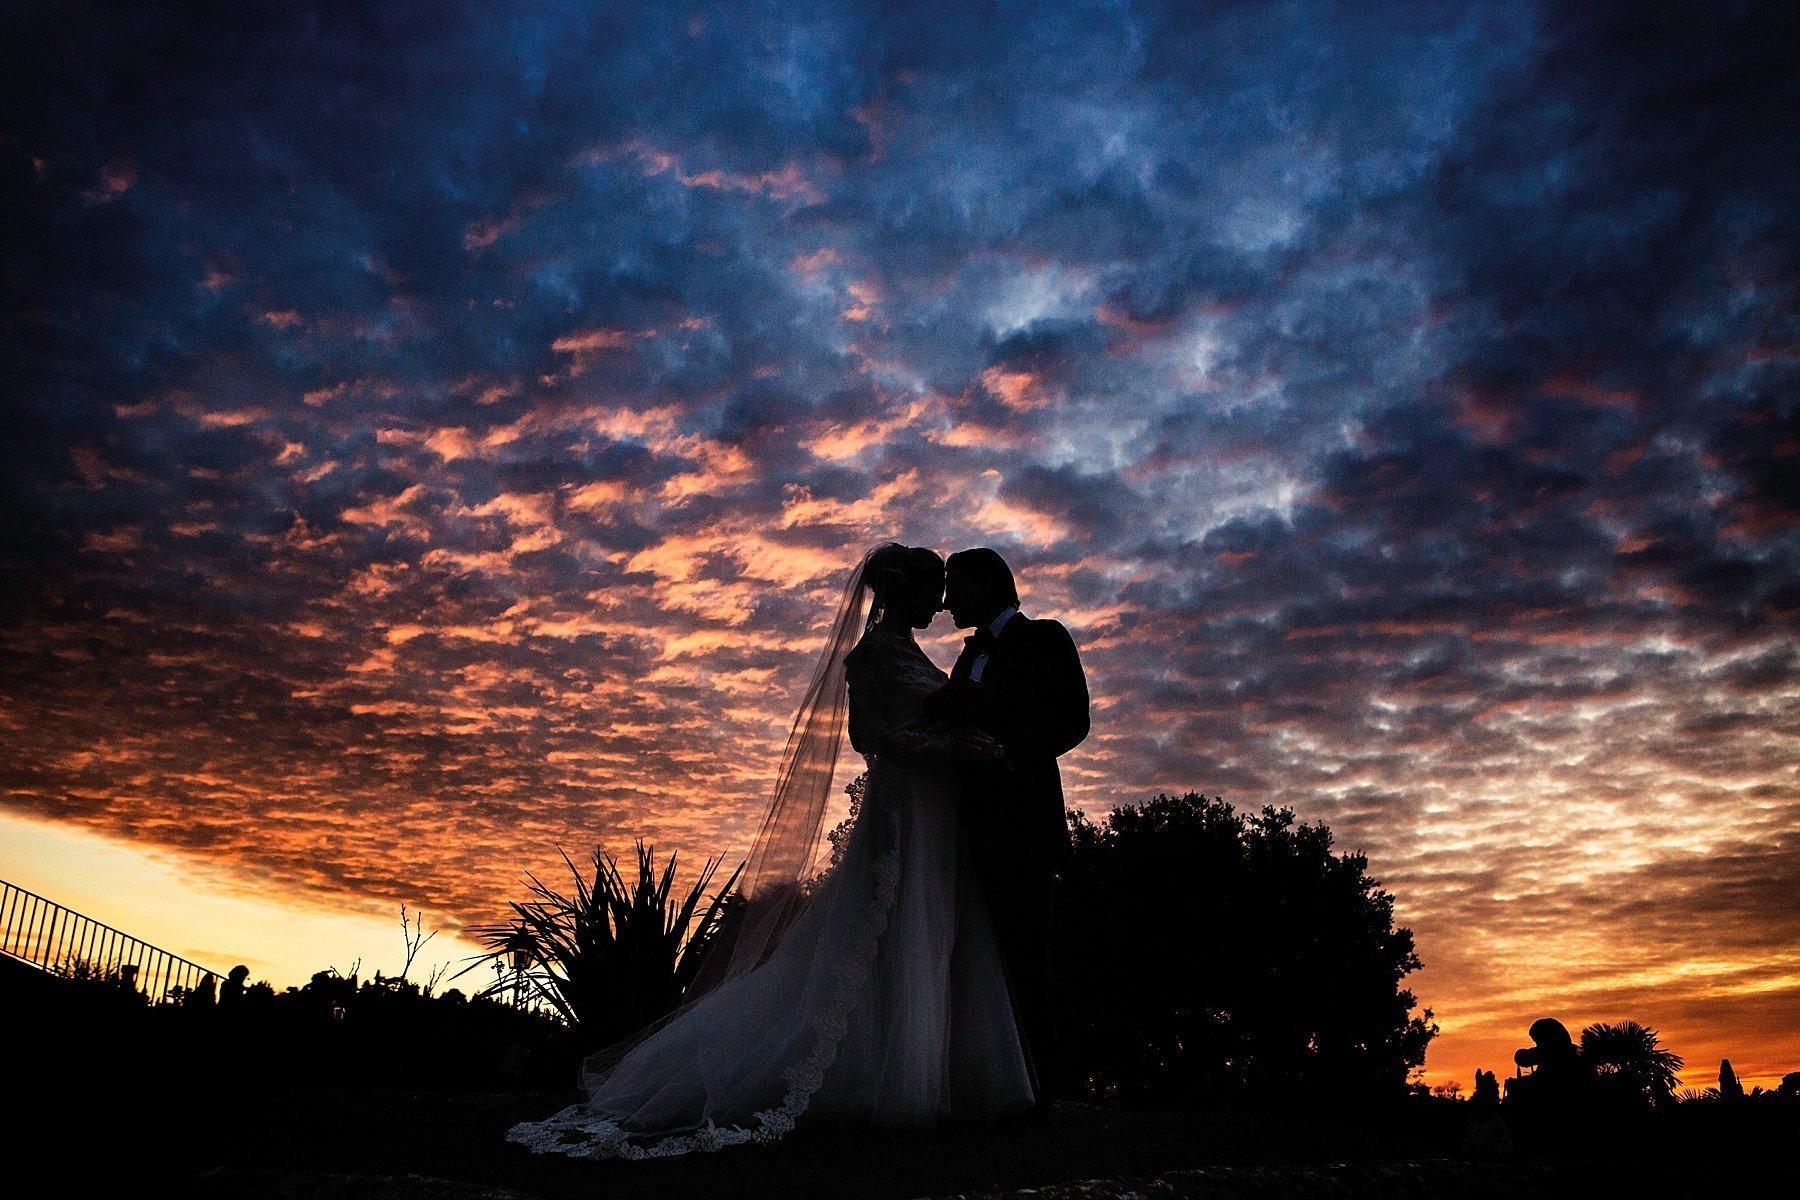 fotografia di sposi al tramonto in silouette durante un matrimonio a Firenze